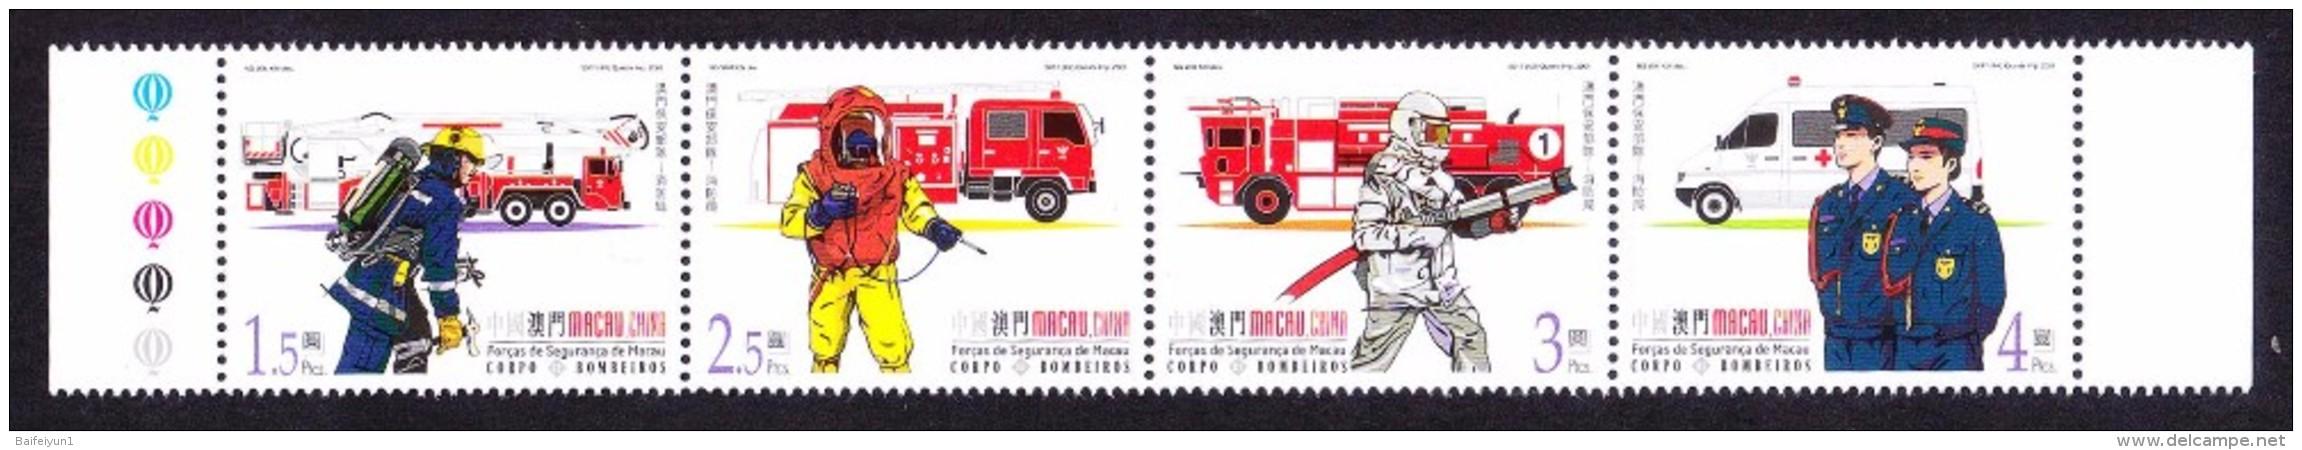 China  Macau 2001 Fire Brigade - Unused Stamps